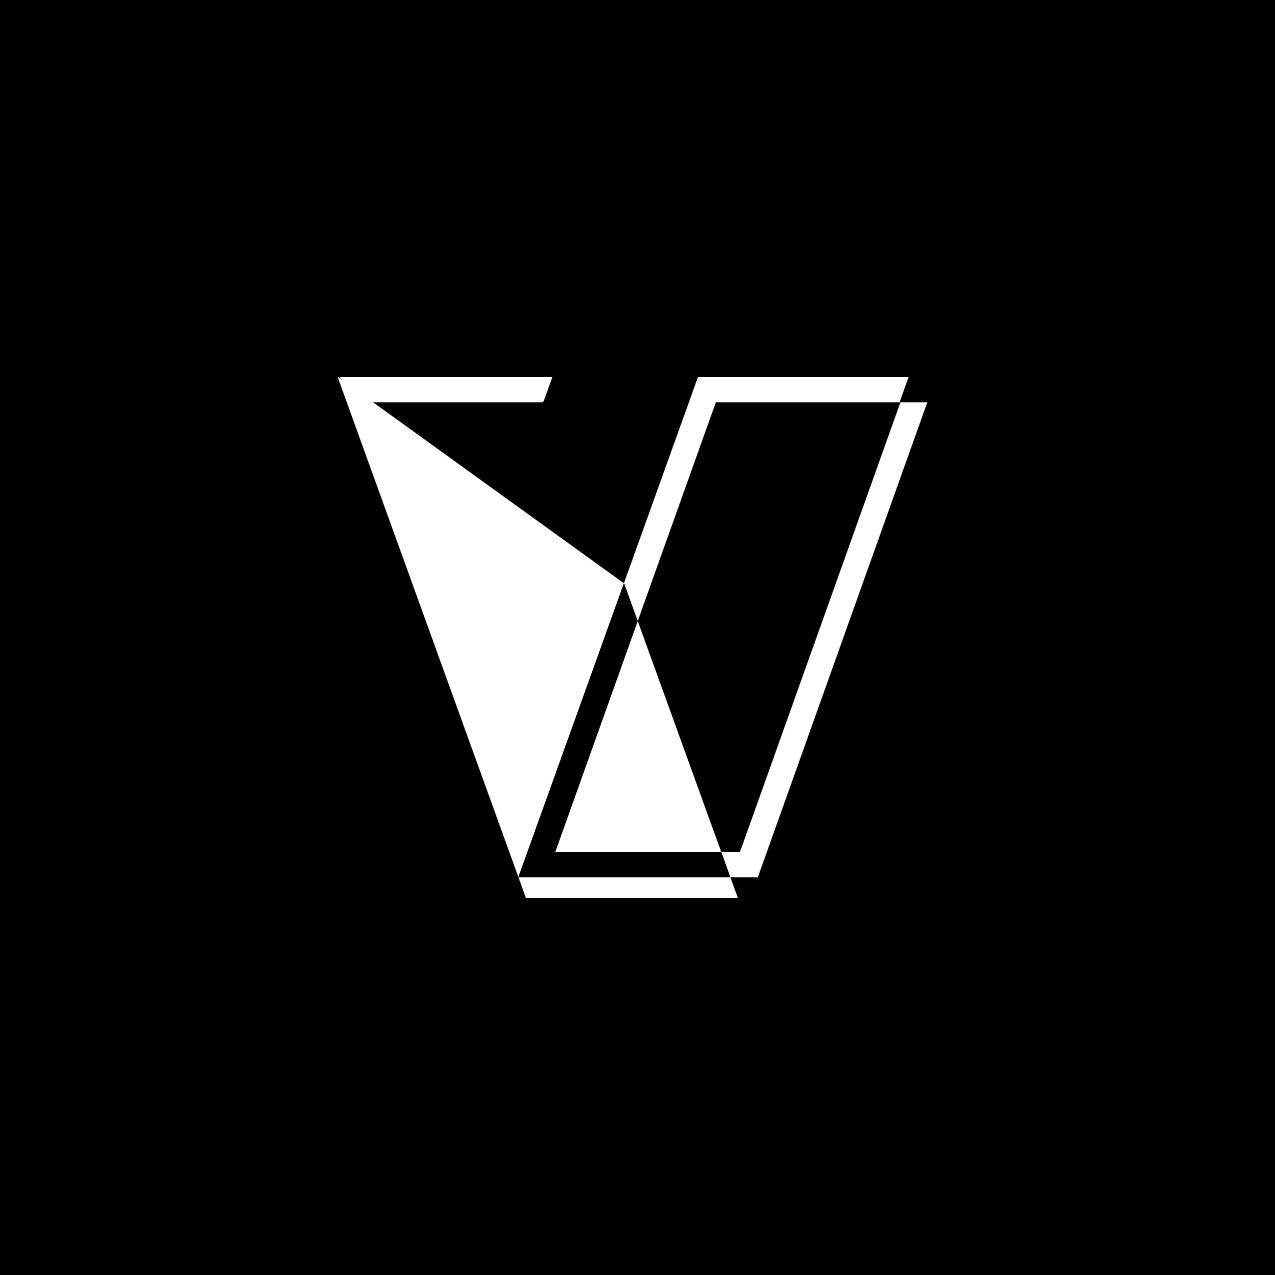 Letter V9 Design by Furia